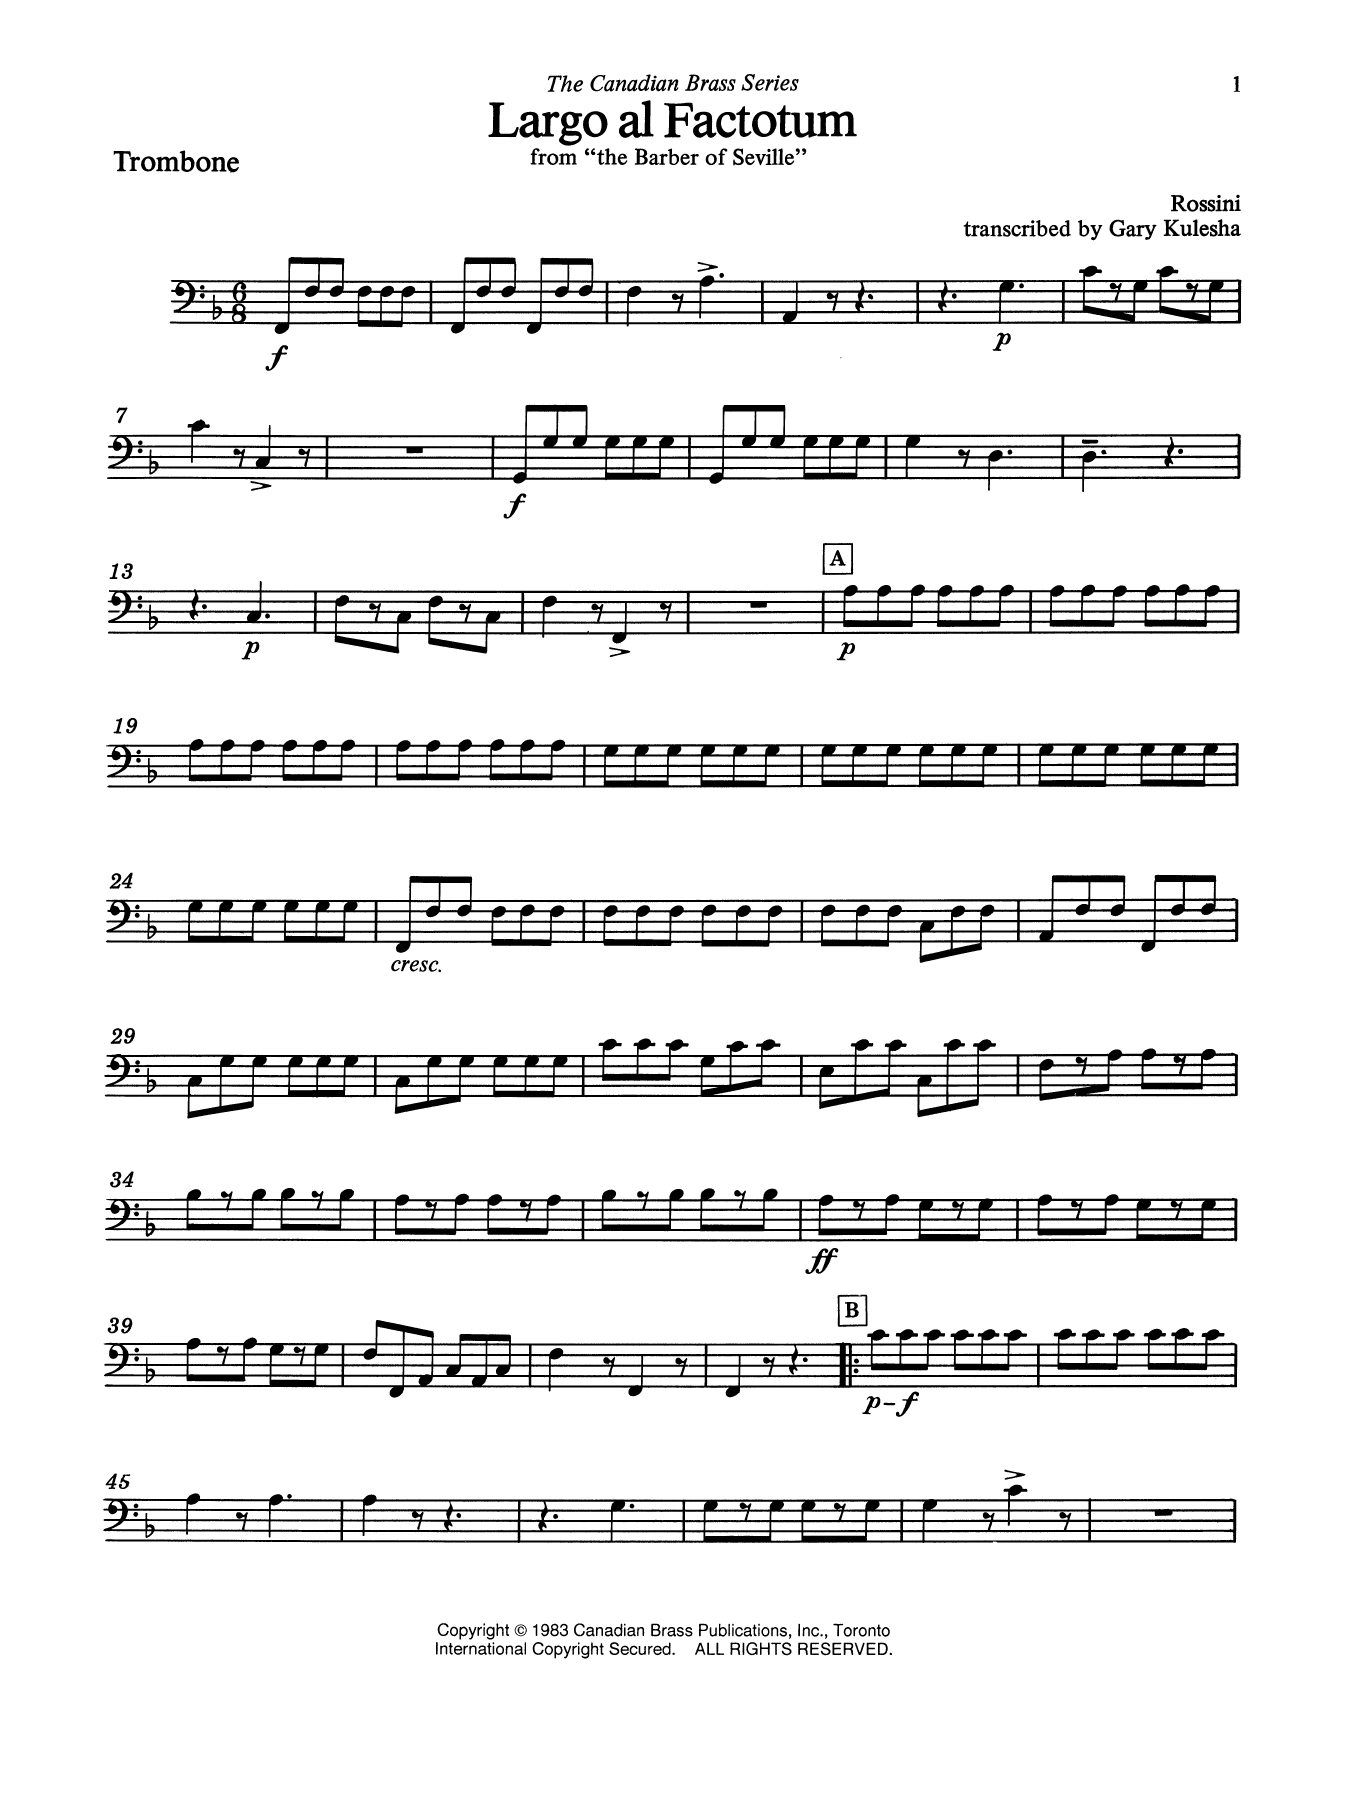 Largo al factotum from The Barber of Seville - Trombone (B.C.) Sheet Music